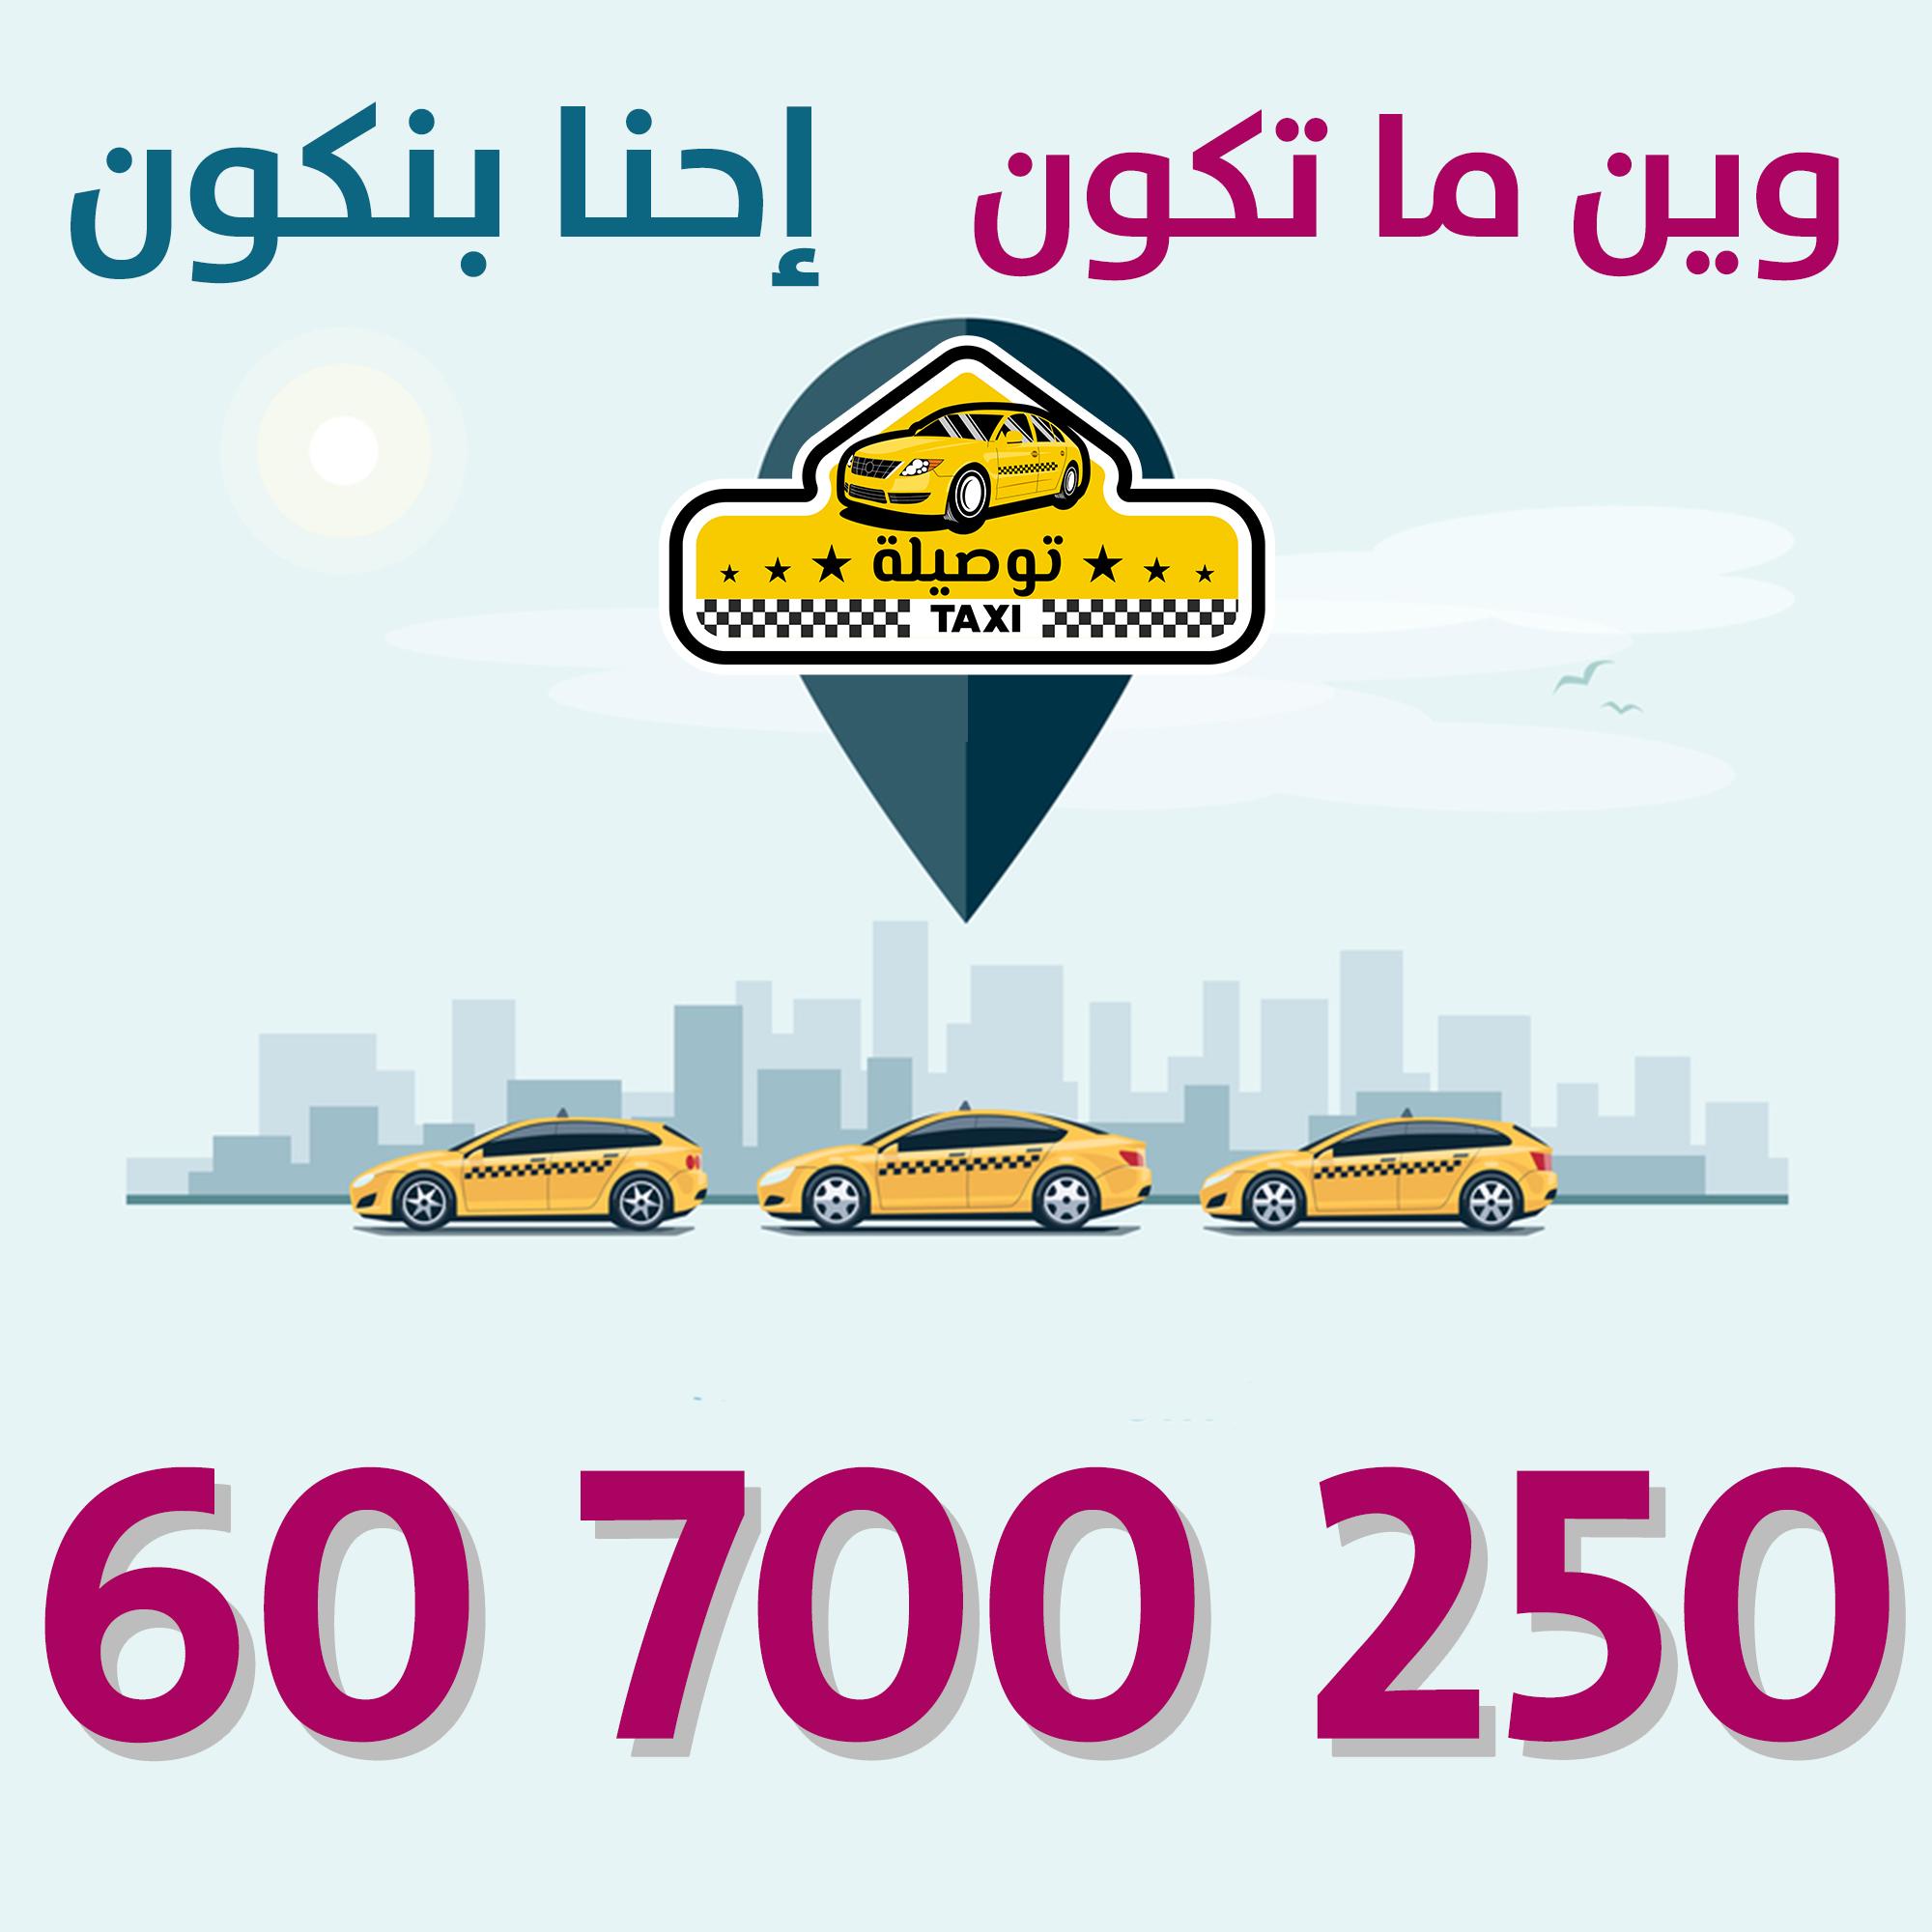 تاكسي توصيلة في شارع حمزة بن عبدالمطلب